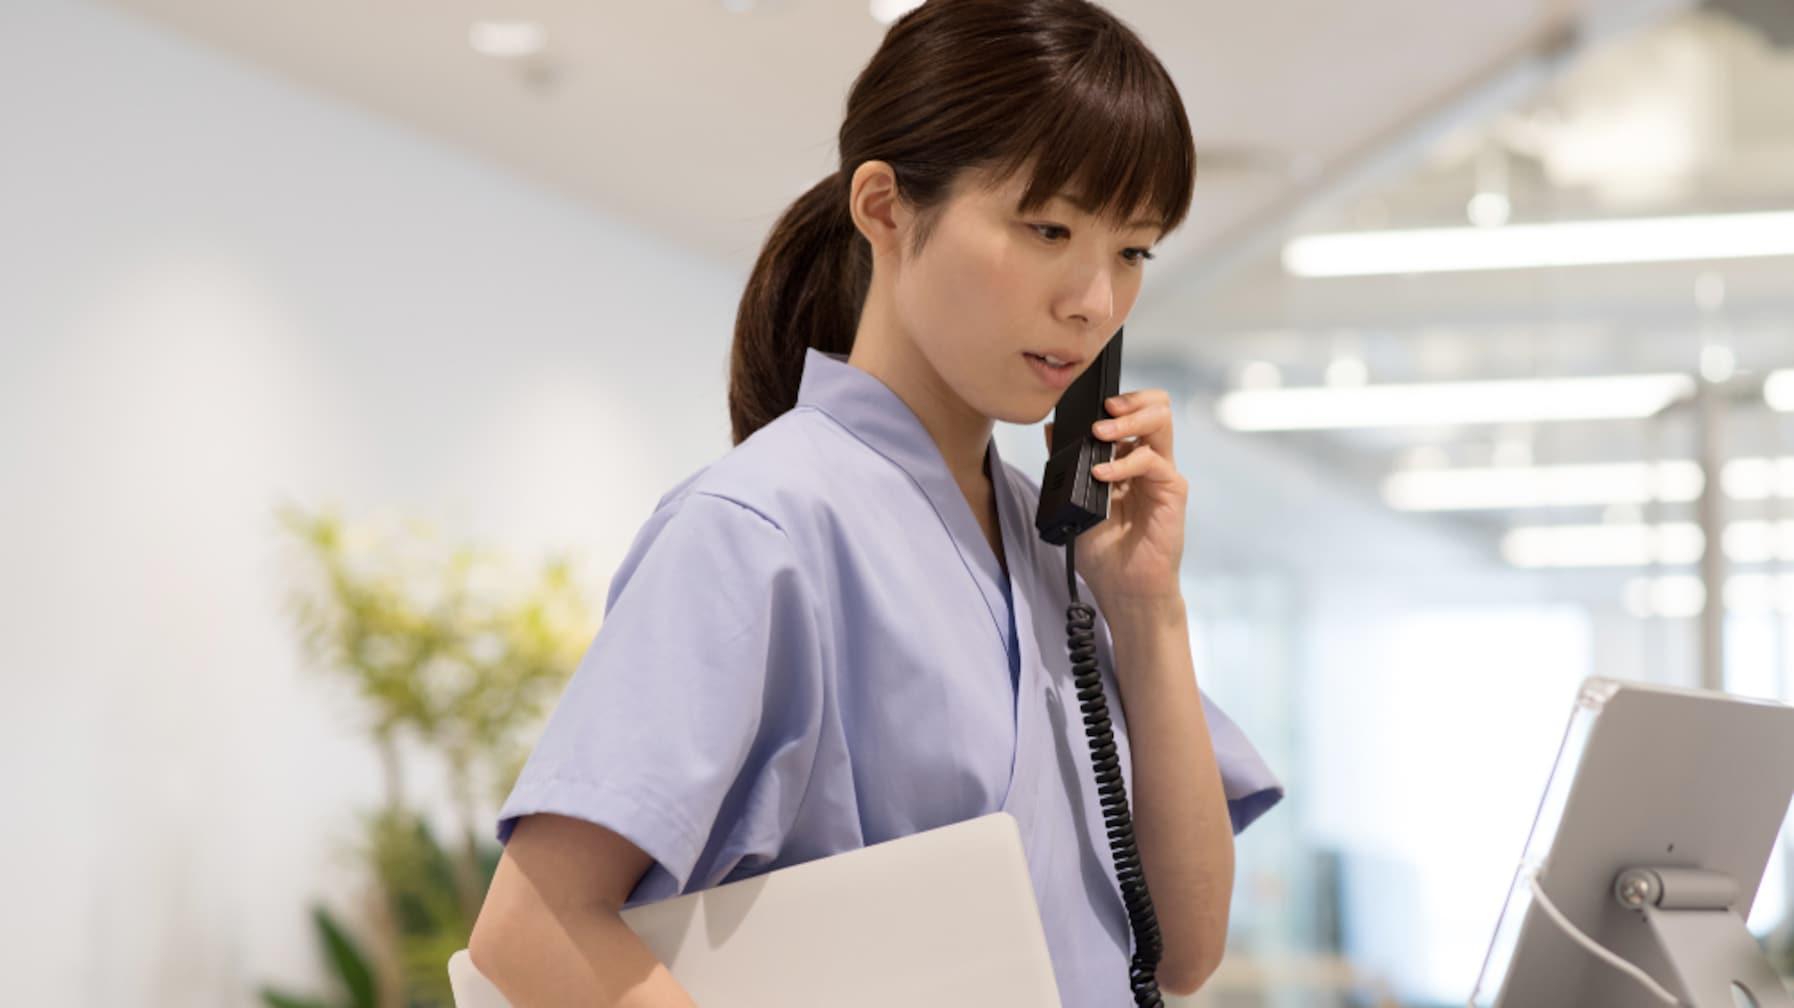 「涙が溢れて声にならなかった」持病で電話の聞き取りができず、仕事をやめた女性…上司の一言に感涙